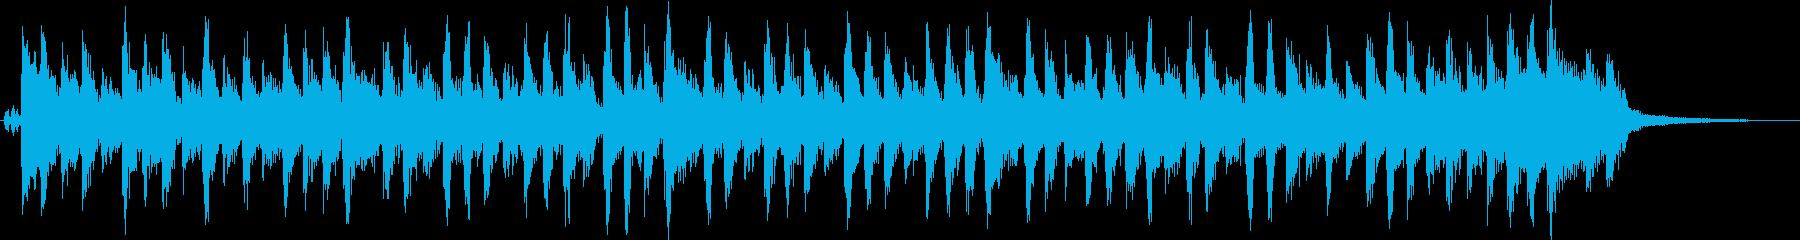 オールディーズ風のピアノロックの再生済みの波形